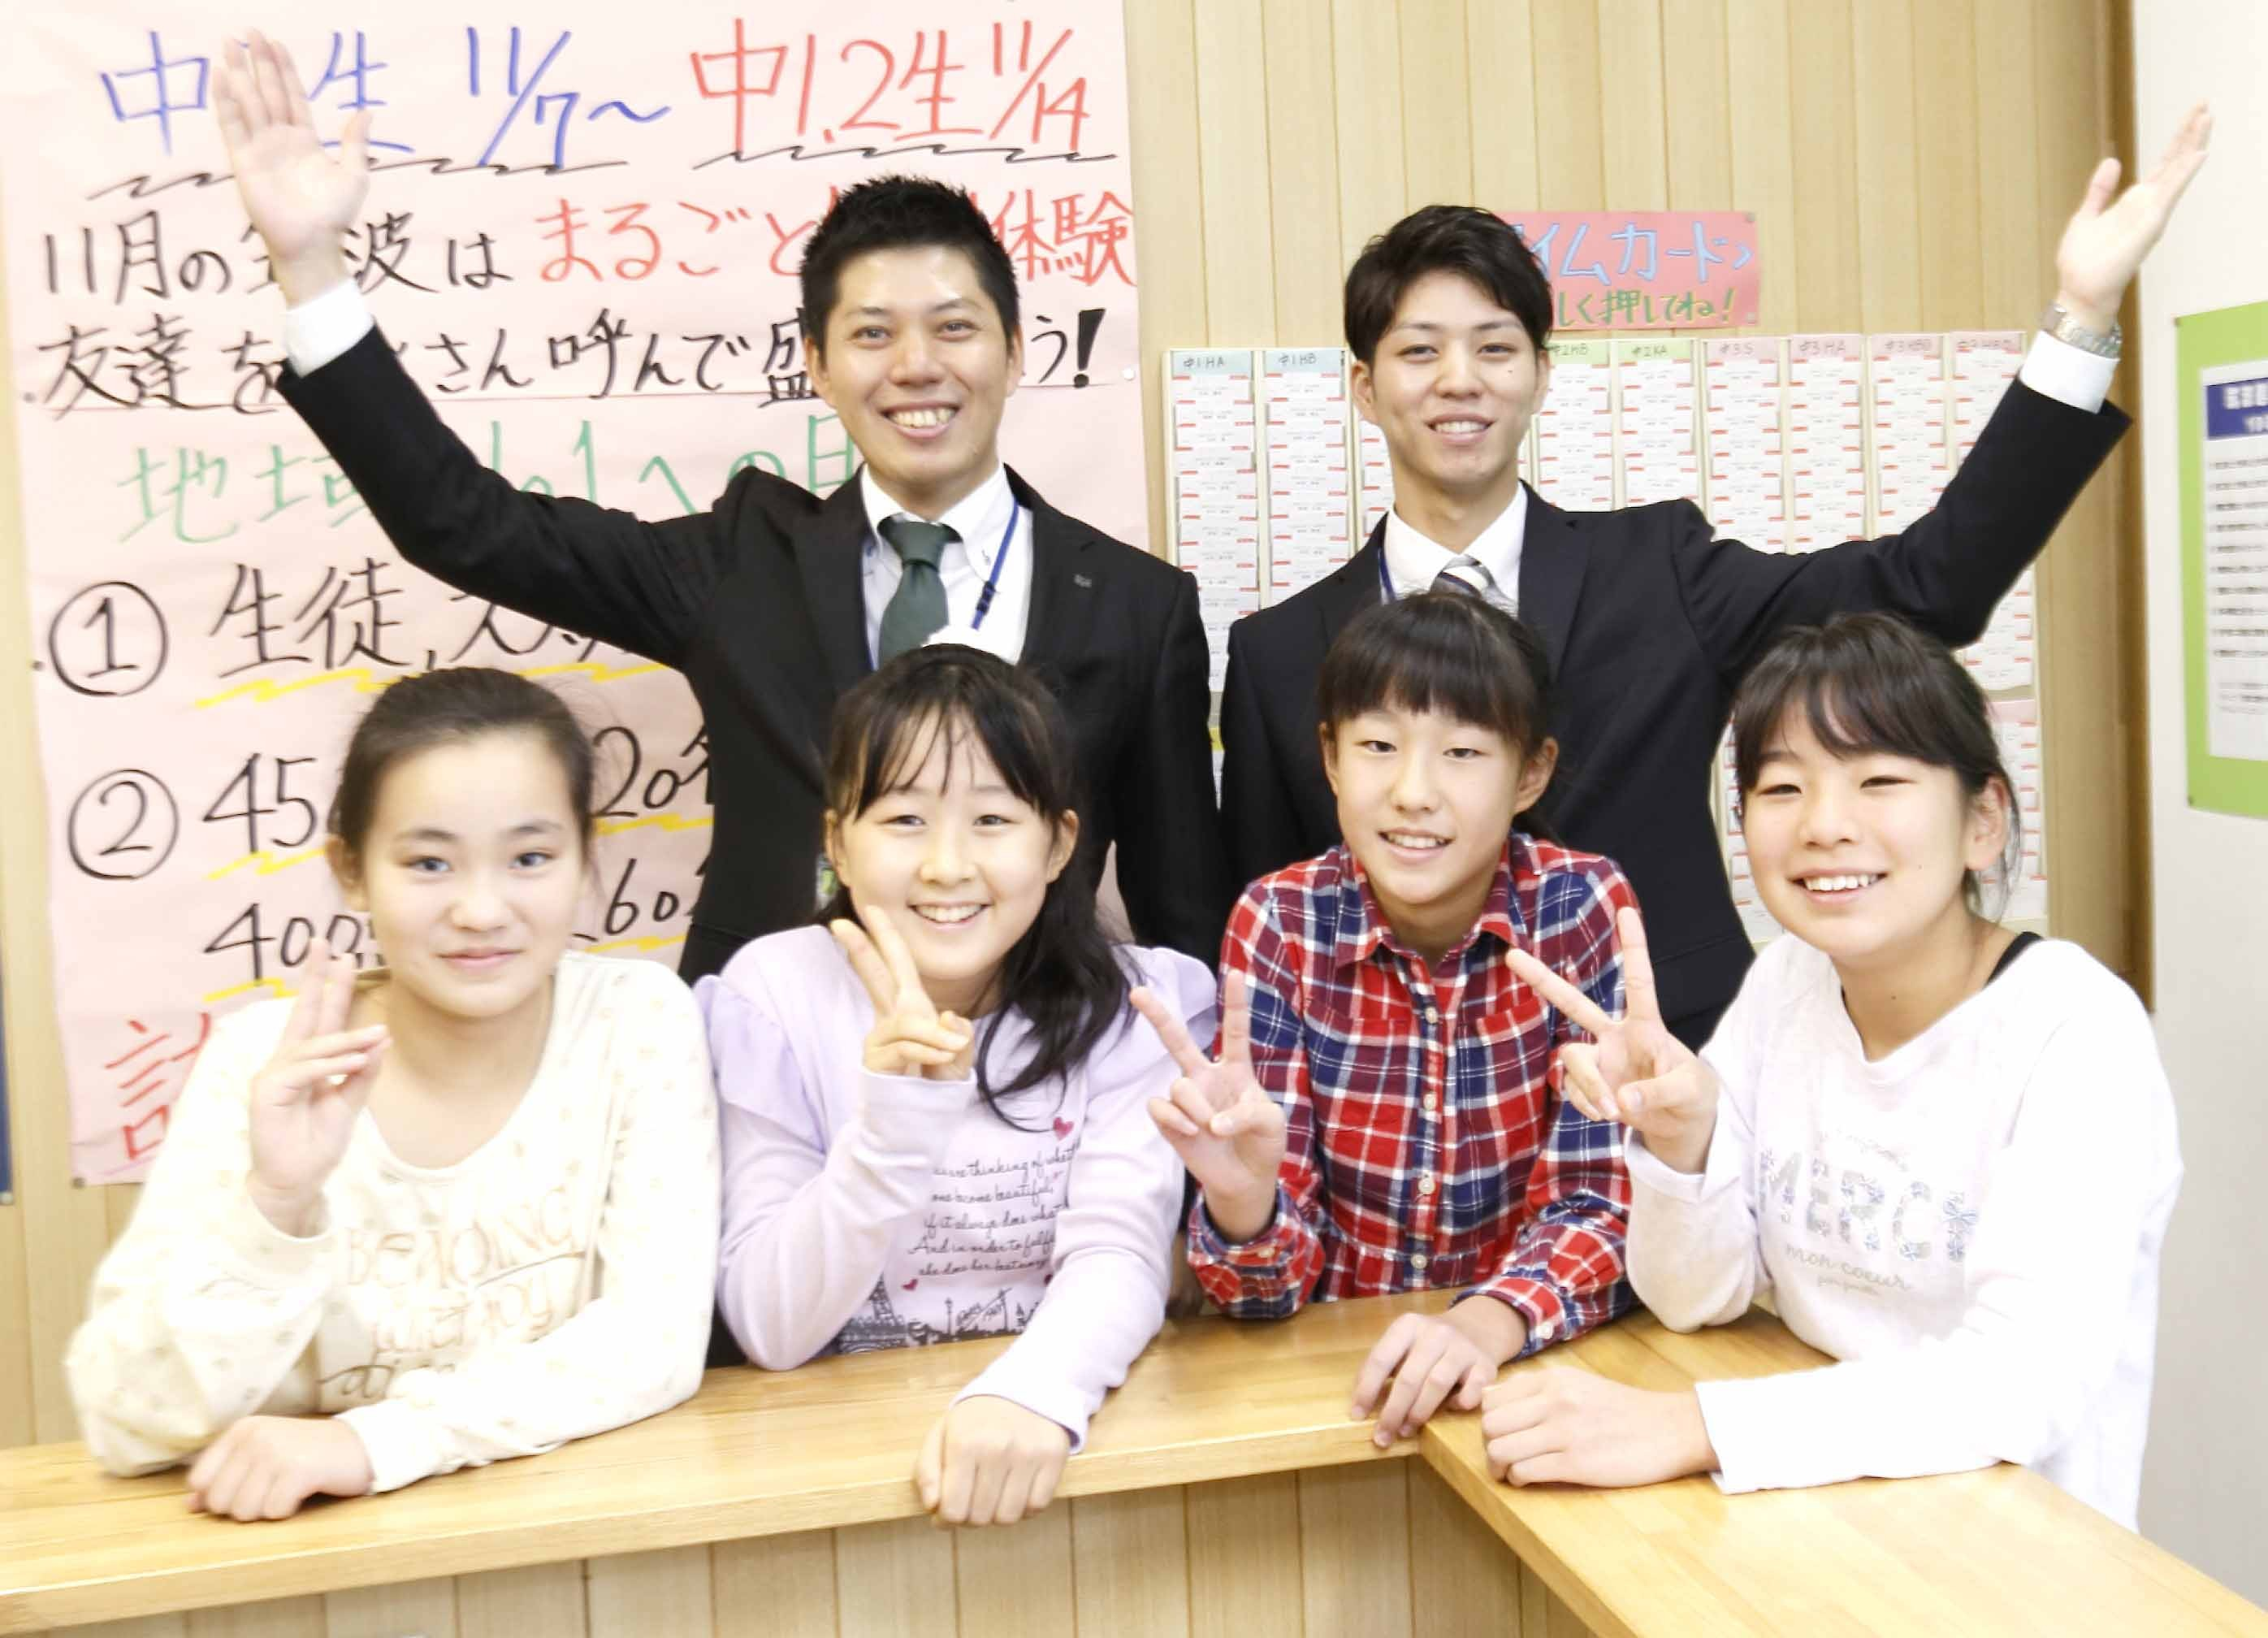 筑波進研スクール 領家教室のアルバイト情報